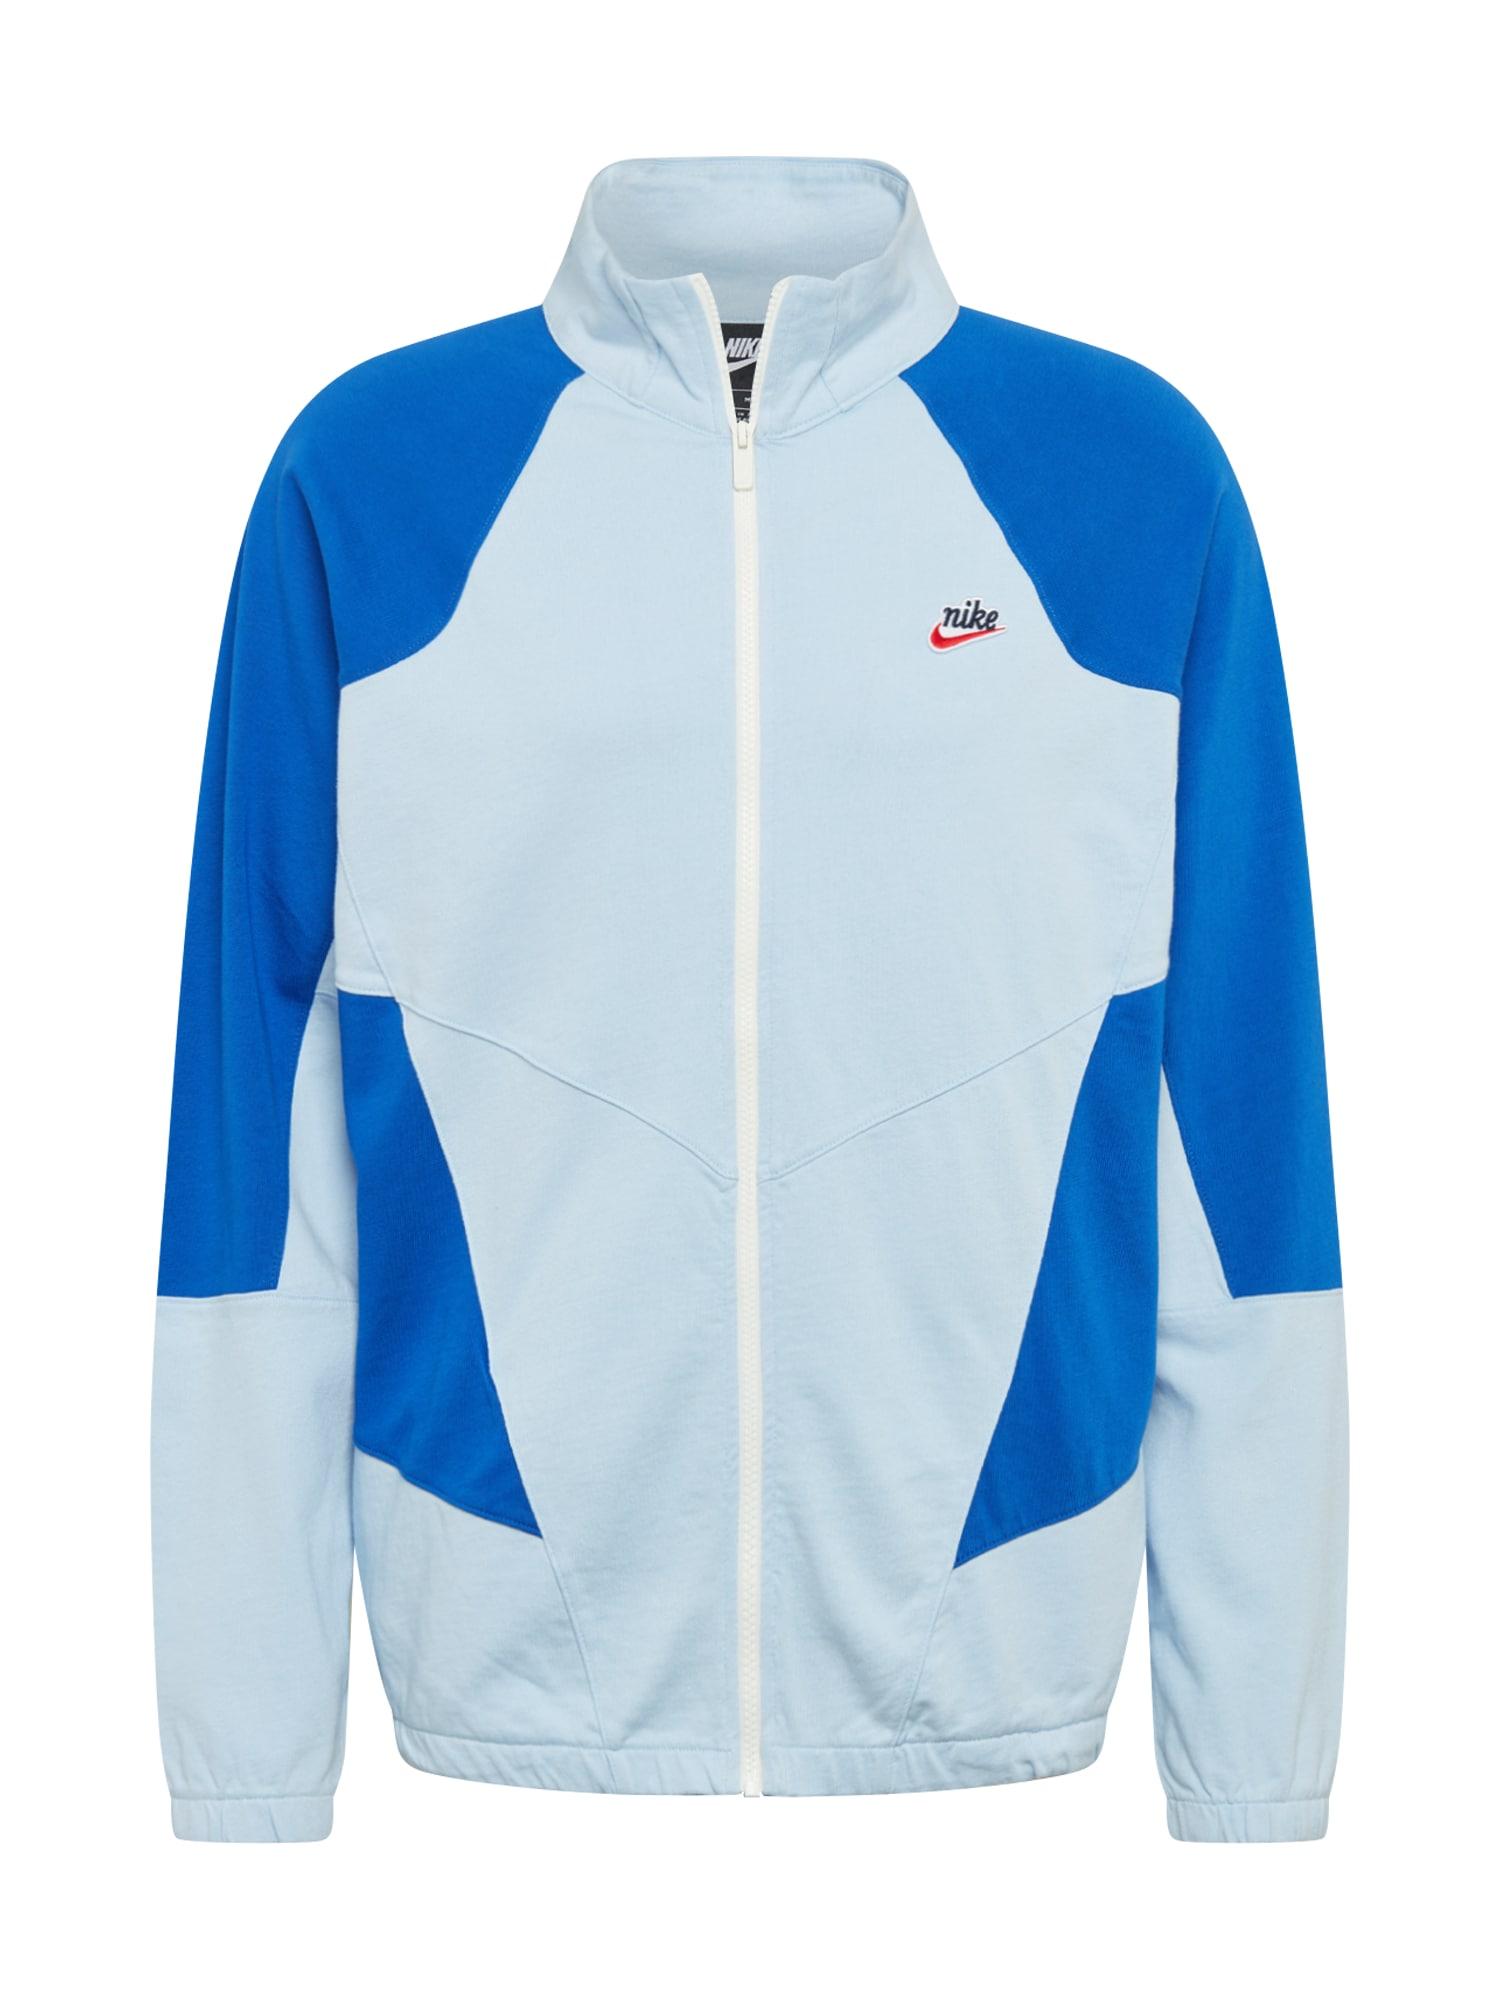 Nike Sportswear Demisezoninė striukė mėlyna / šviesiai mėlyna